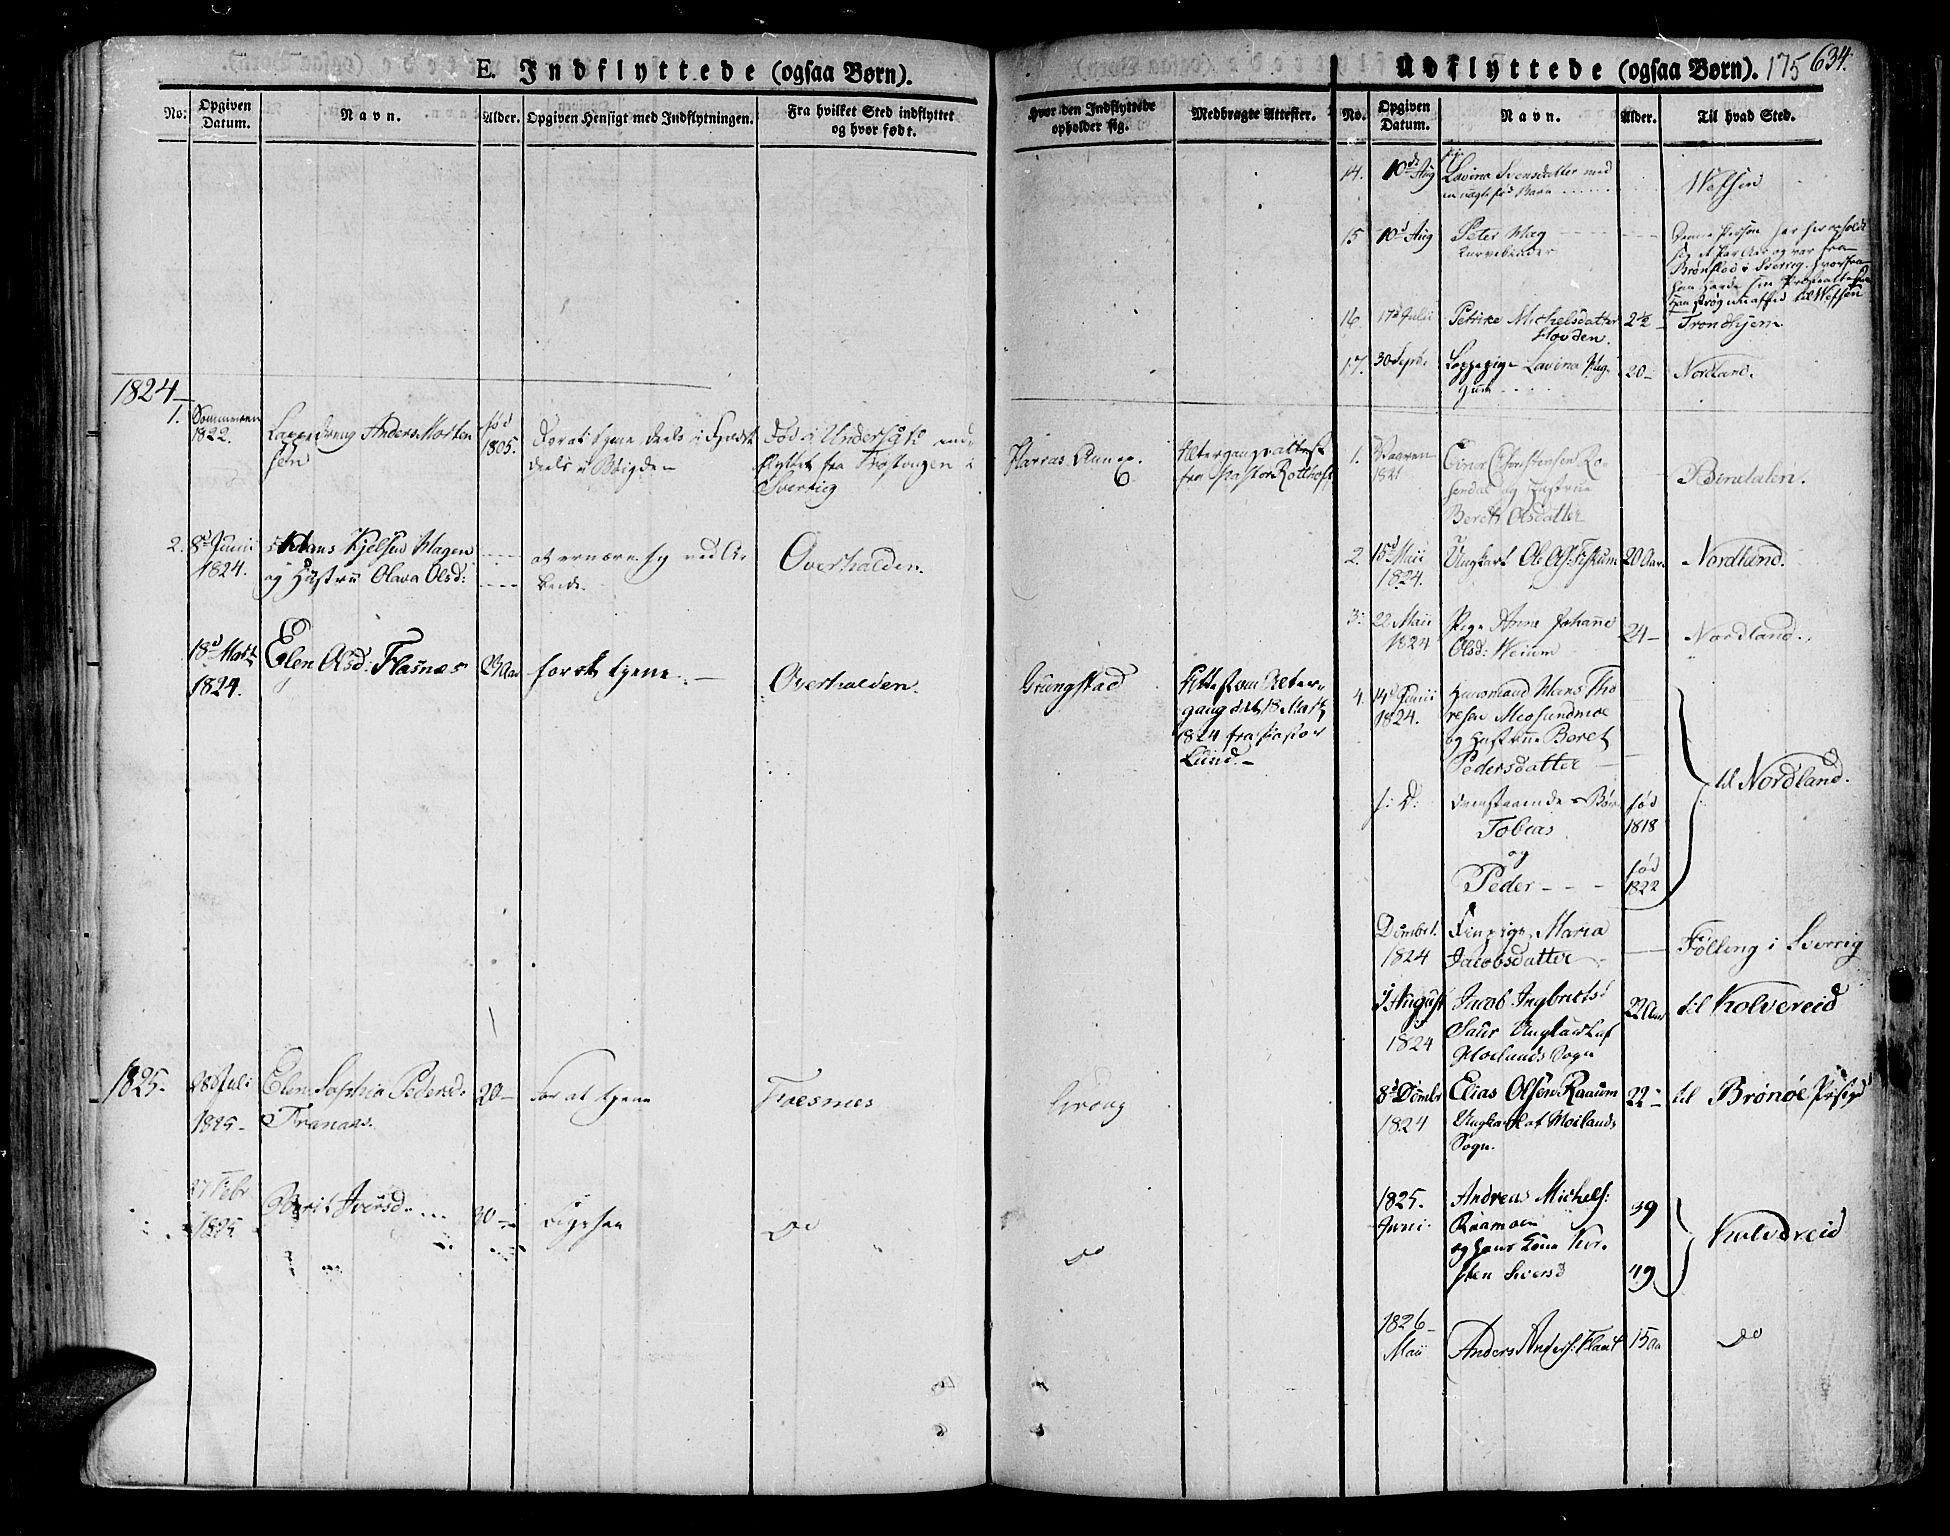 SAT, Ministerialprotokoller, klokkerbøker og fødselsregistre - Nord-Trøndelag, 758/L0510: Ministerialbok nr. 758A01 /1, 1821-1841, s. 175